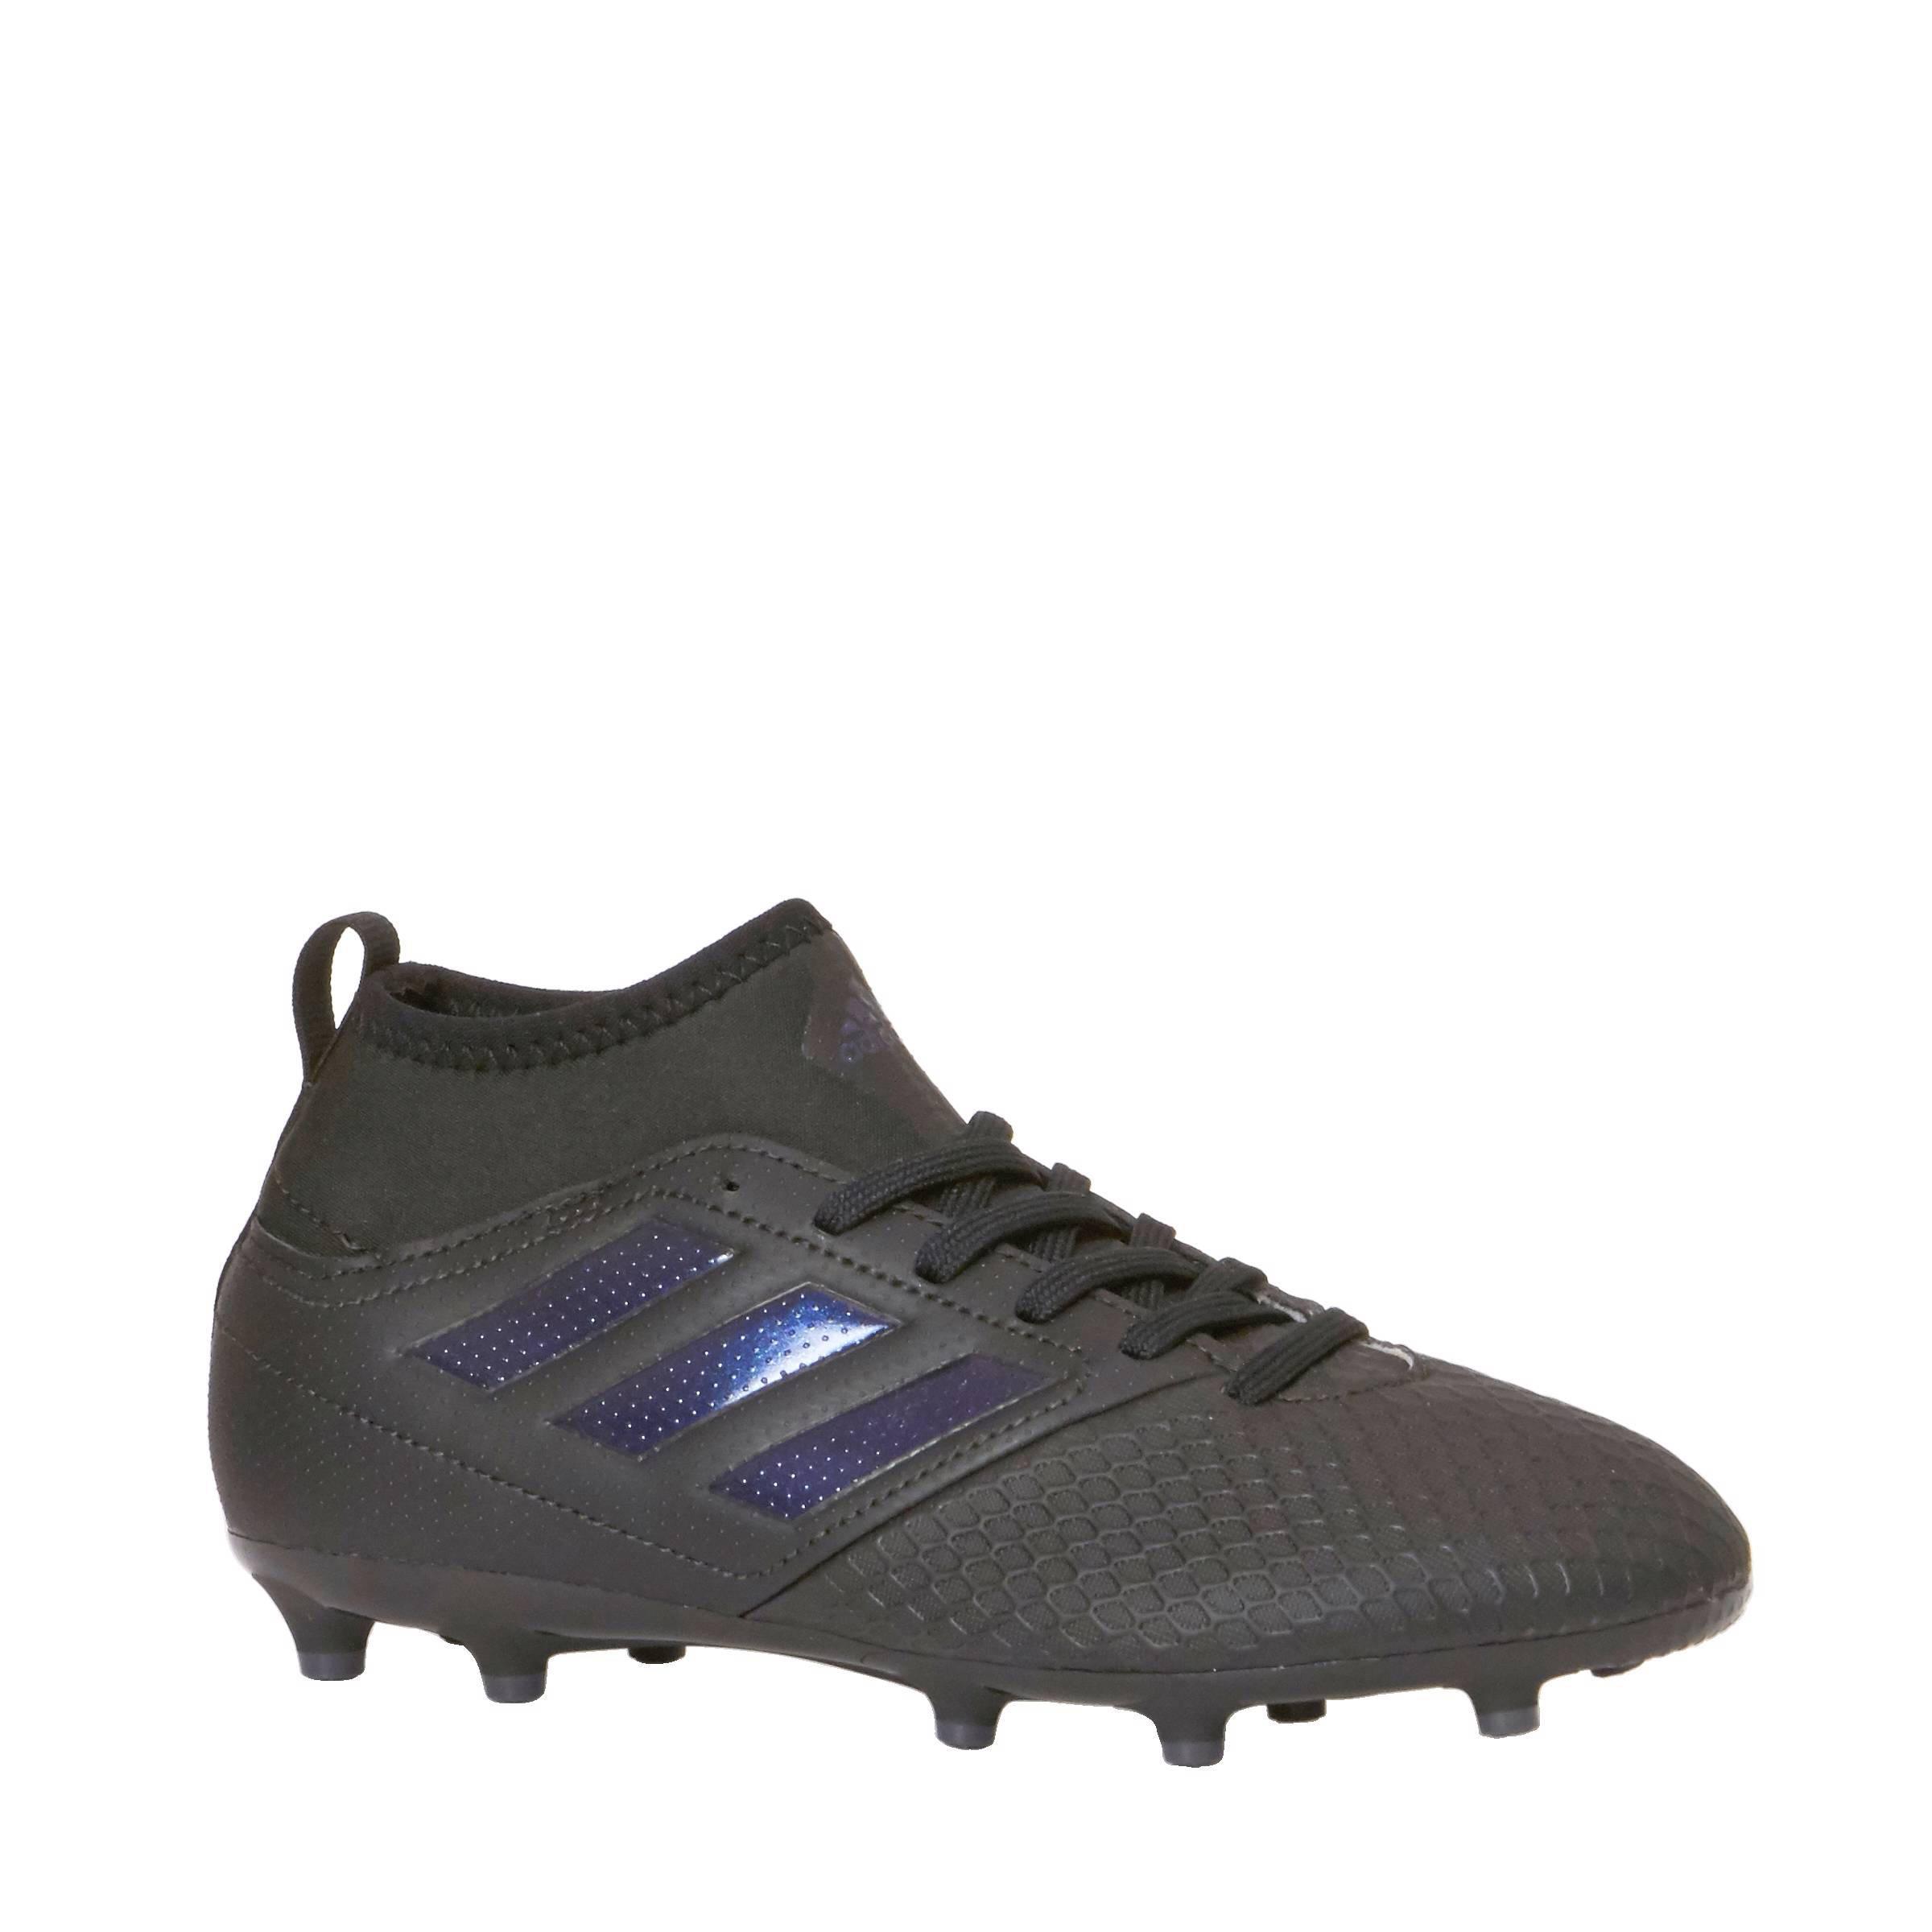 Ace 17.3 FG Jr voetbalschoenen